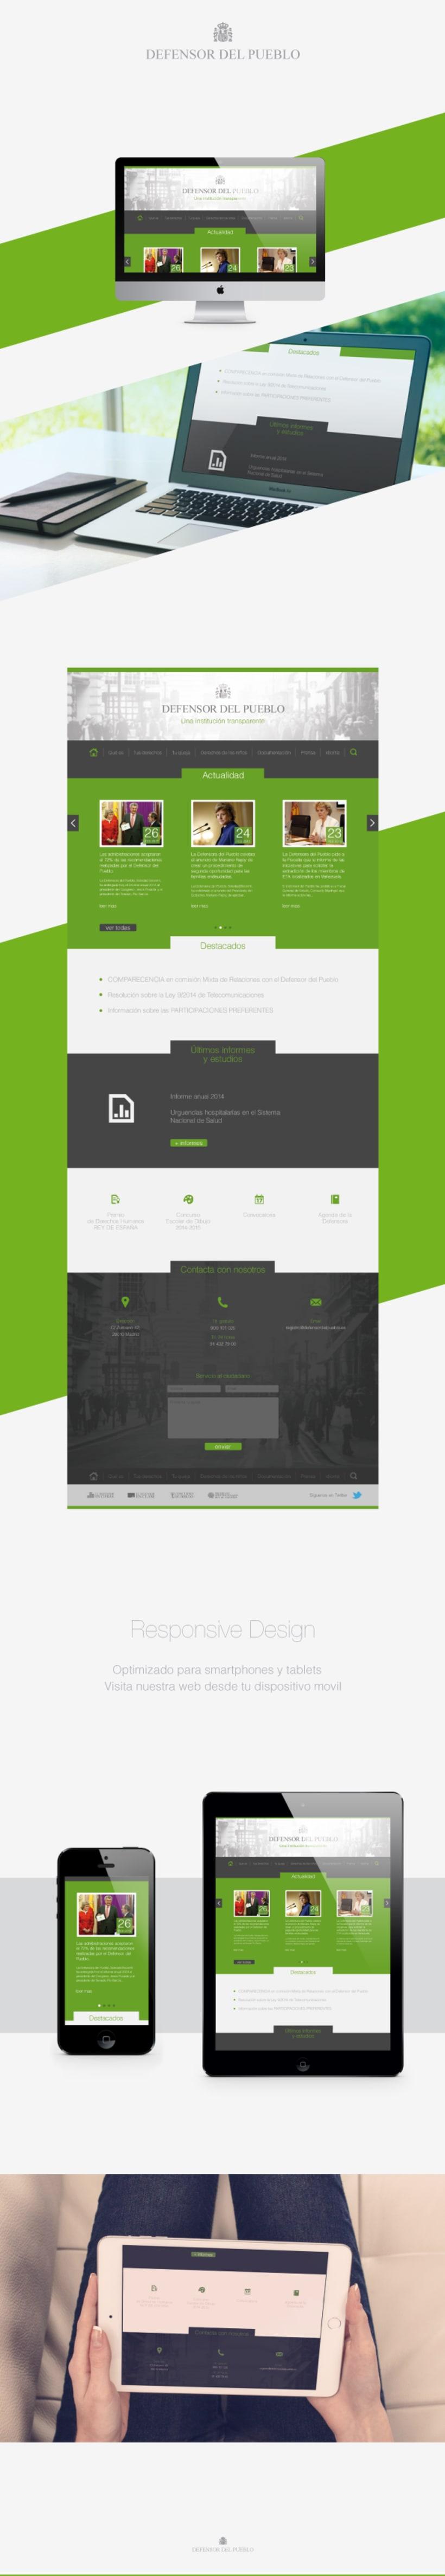 Defensor del Pueblo, web & Responsive Design -1